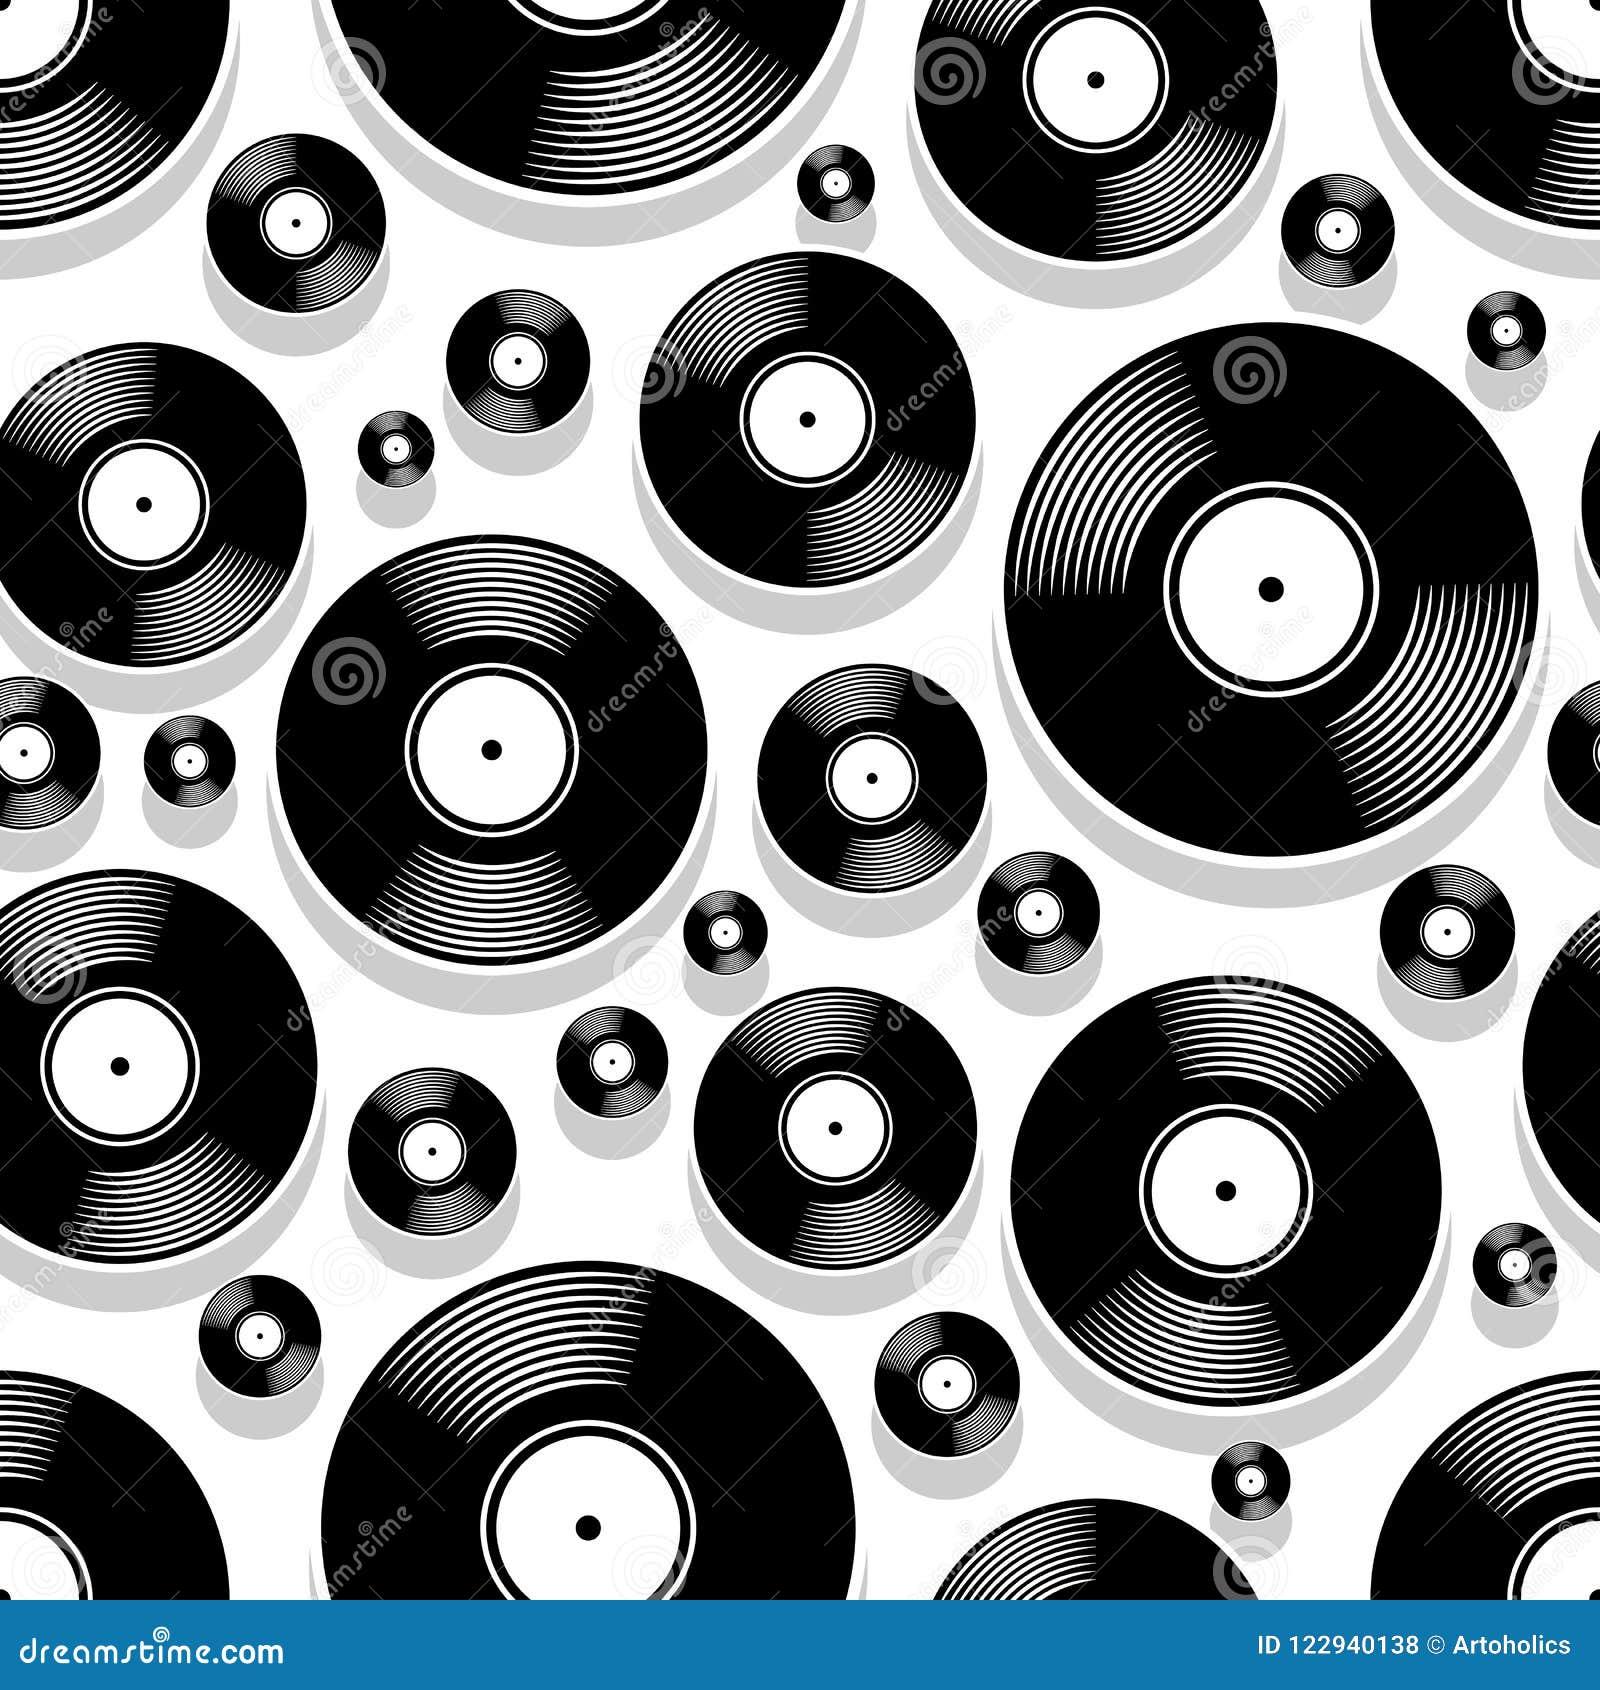 Consider, Vintage vinyl record was